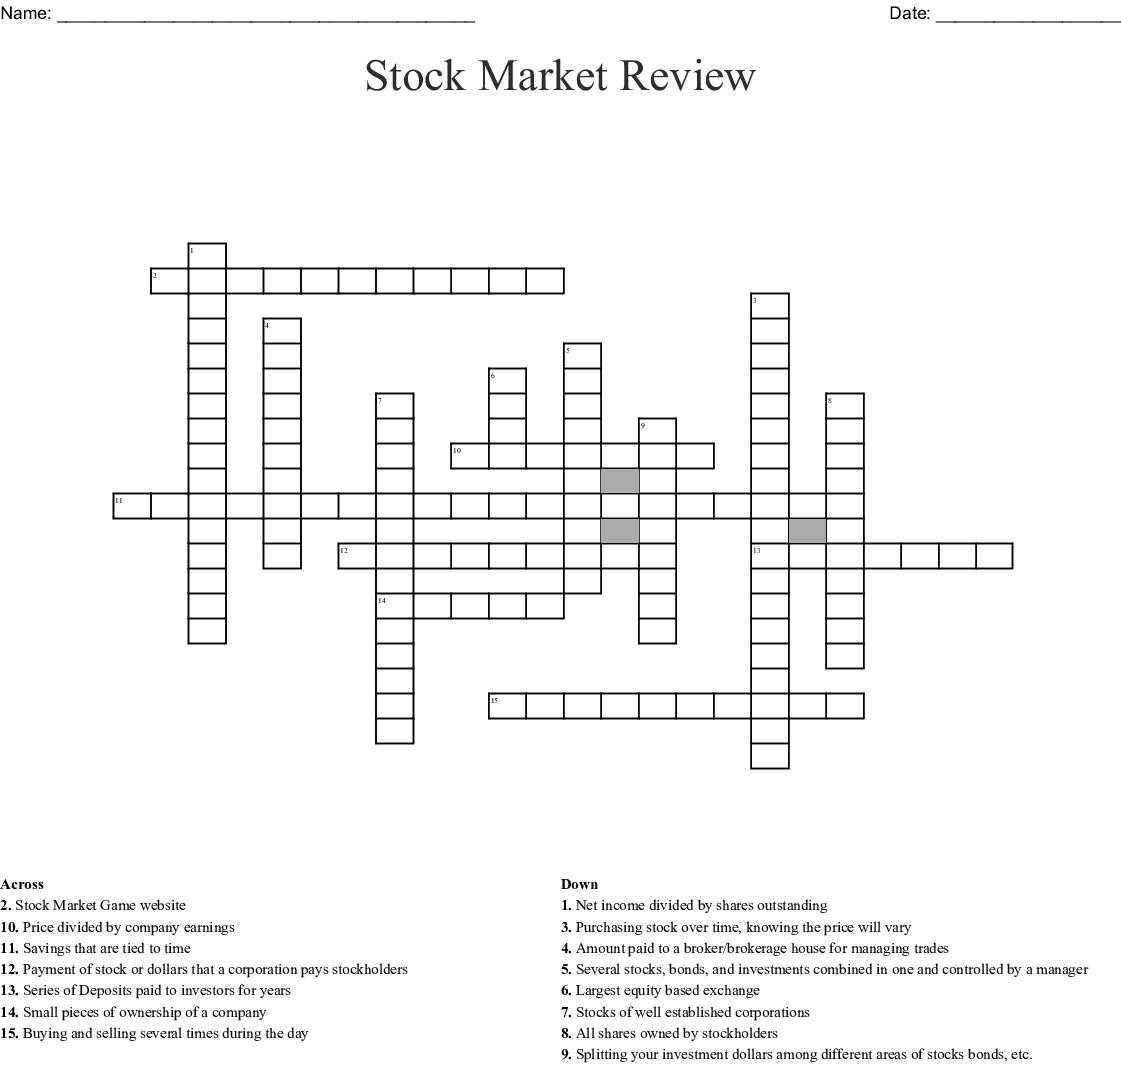 Stock Market Review Crossword Wordmint